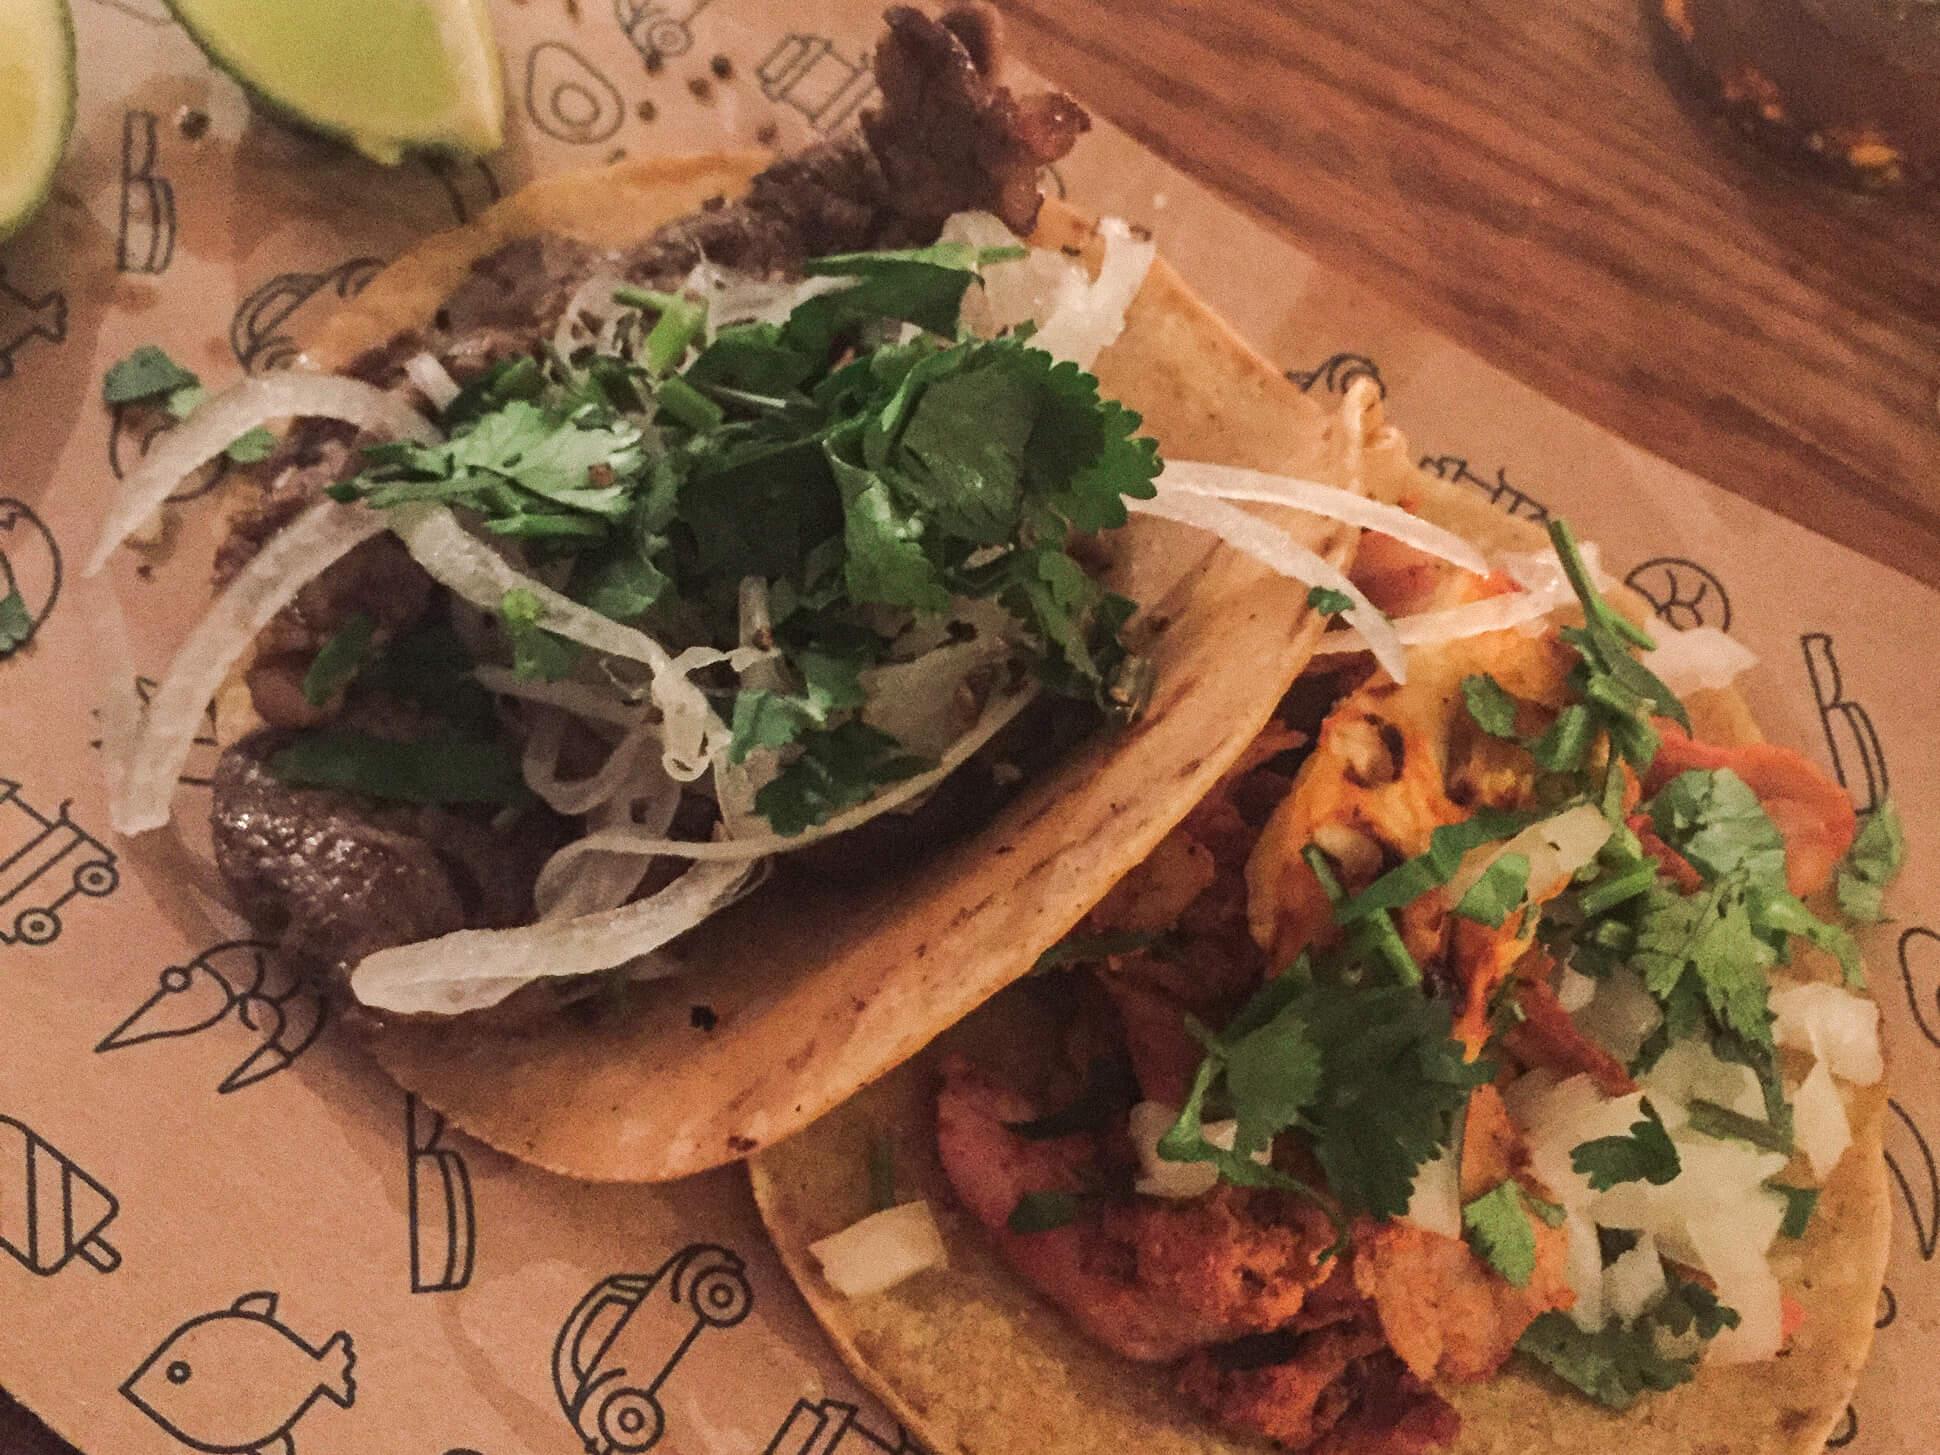 Mexiko Straße - mexikanisch essen Hamburg - Tacos